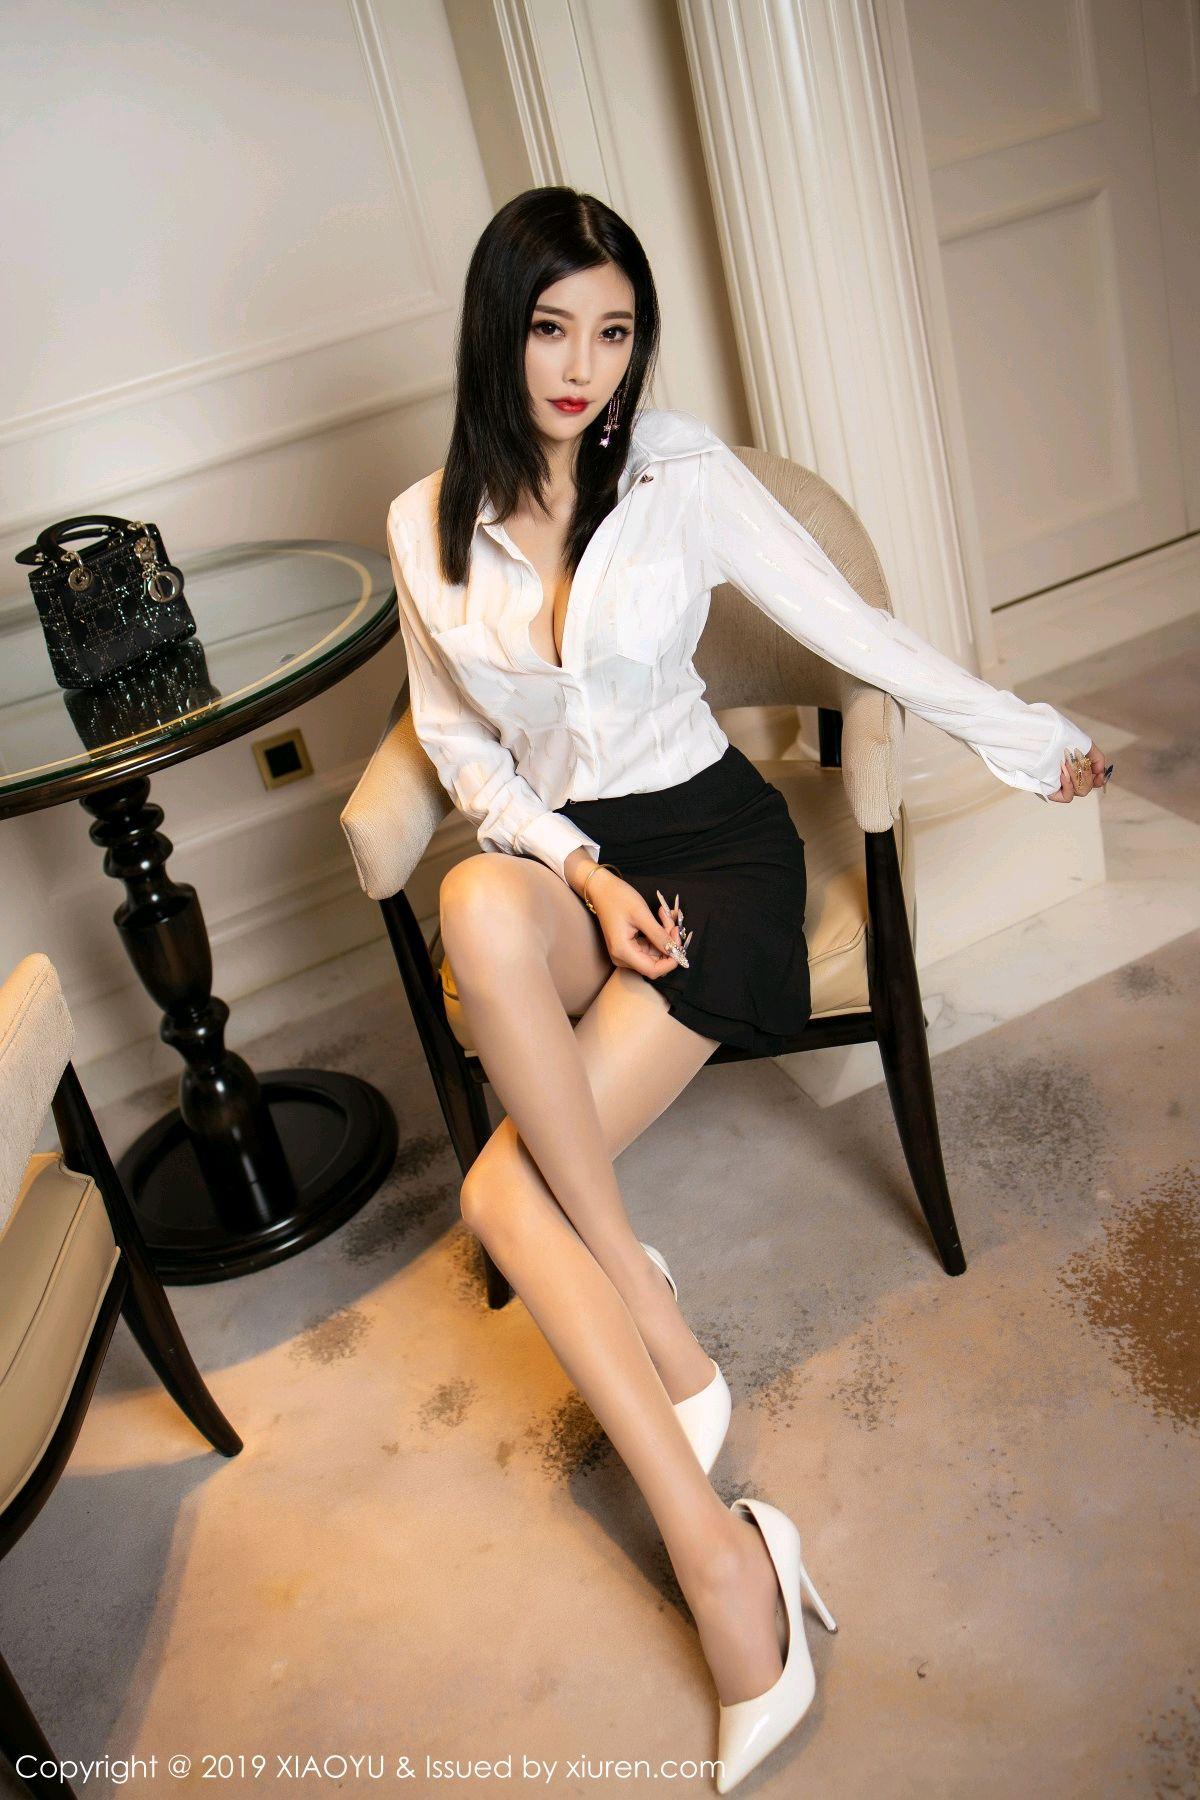 [XiaoYu] Vol.224 Yang Chen Chen 19P, Tall, Underwear, XiaoYu, Yang Chen Chen